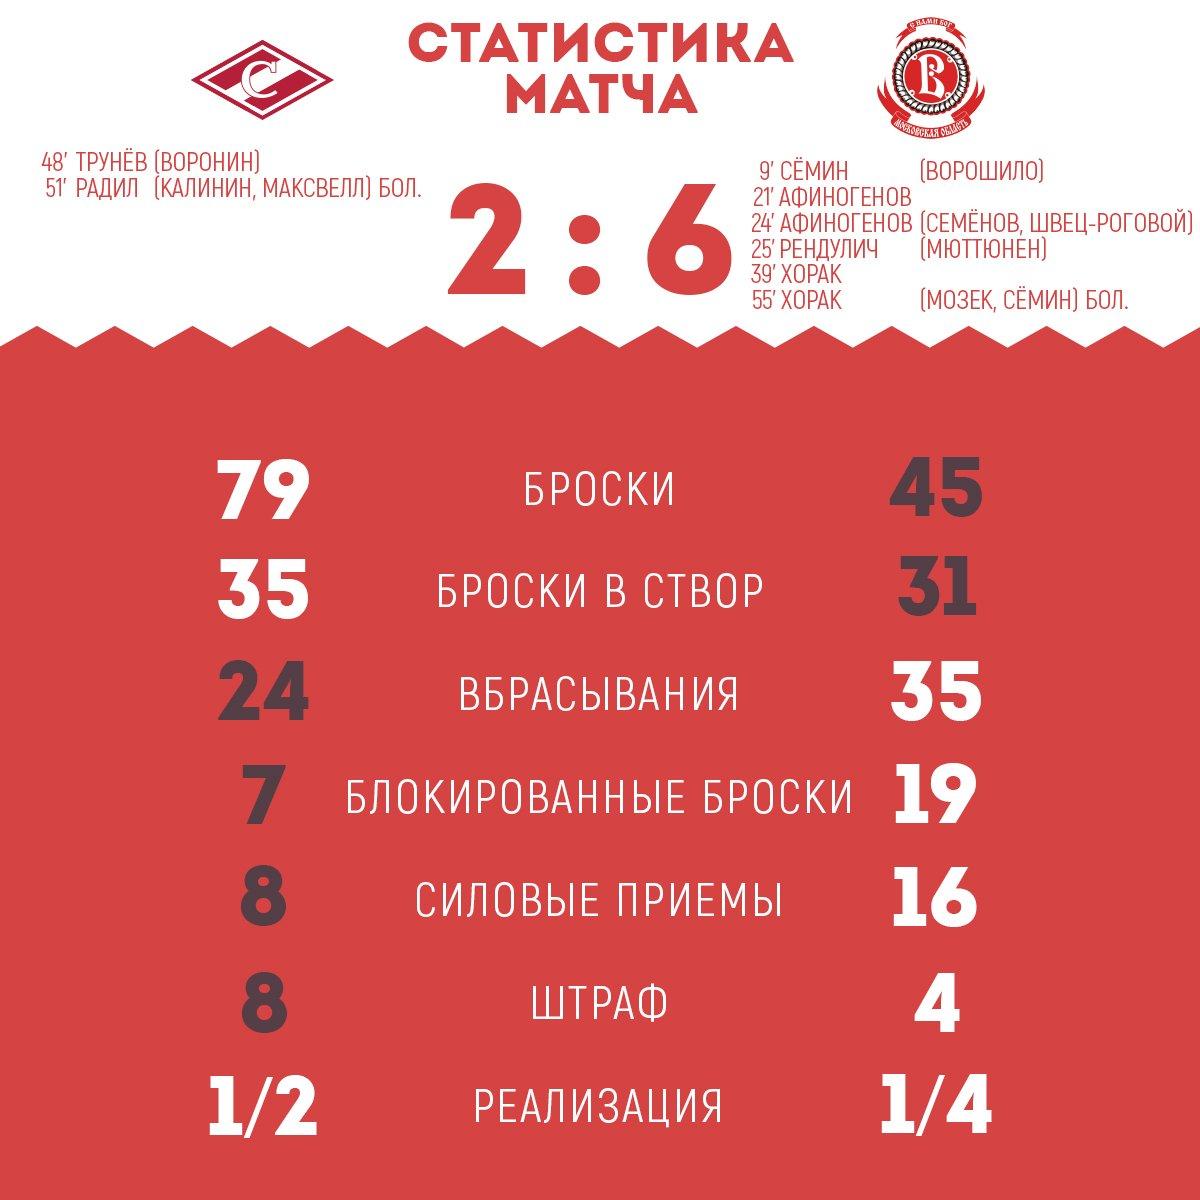 Статистика матча «Спартак» - «Витязь» 2:6